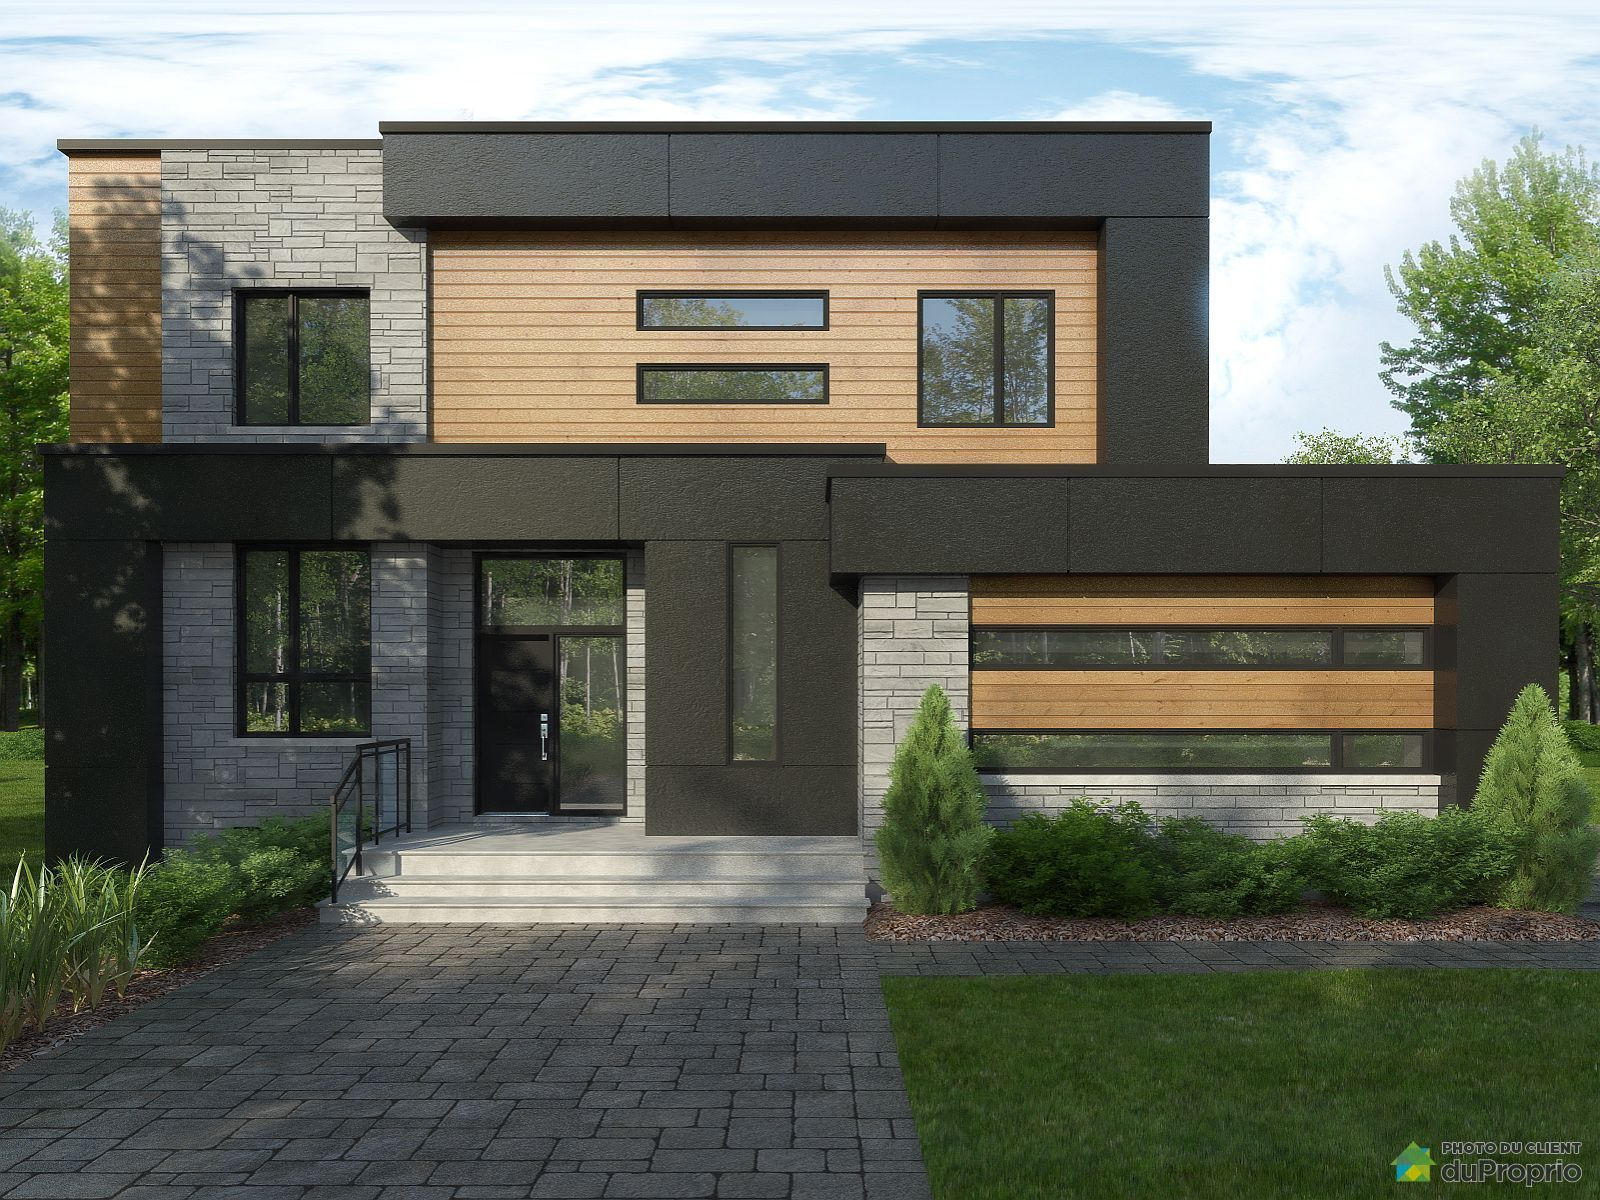 DuProprio Vous Invite à Découvrir Votre Futur(e) Maison 2 étages Situé(e) à  Blainville, 16, Rue De Montagny. Information Directement Du Proprio.